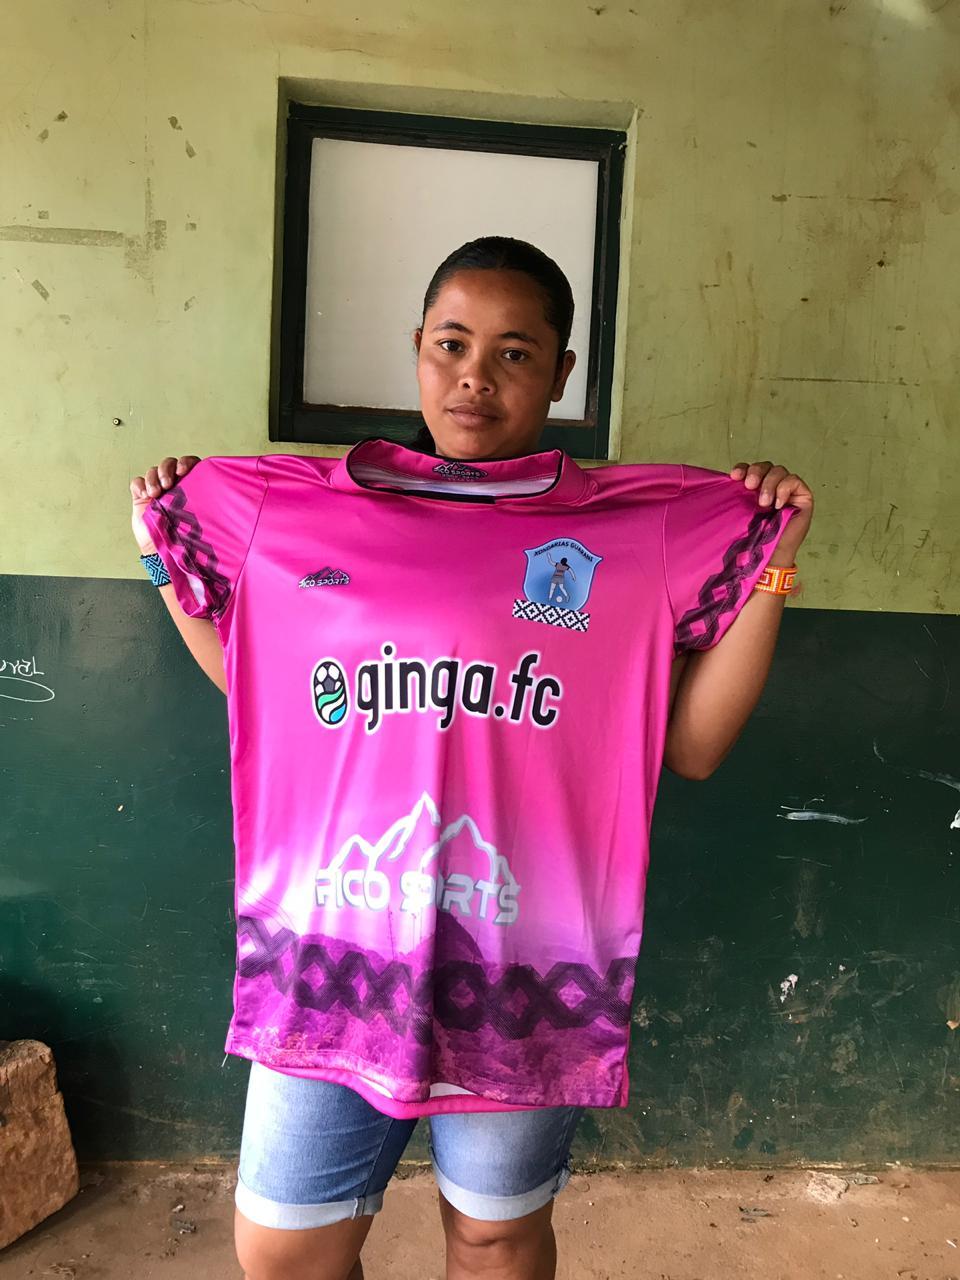 Um dos primeiros passos da parceria foi o desenvolvimento de novos uniformes para o  Xondarias Guarani,  time de futebol feminino da aldeia  Guarani Mbya.